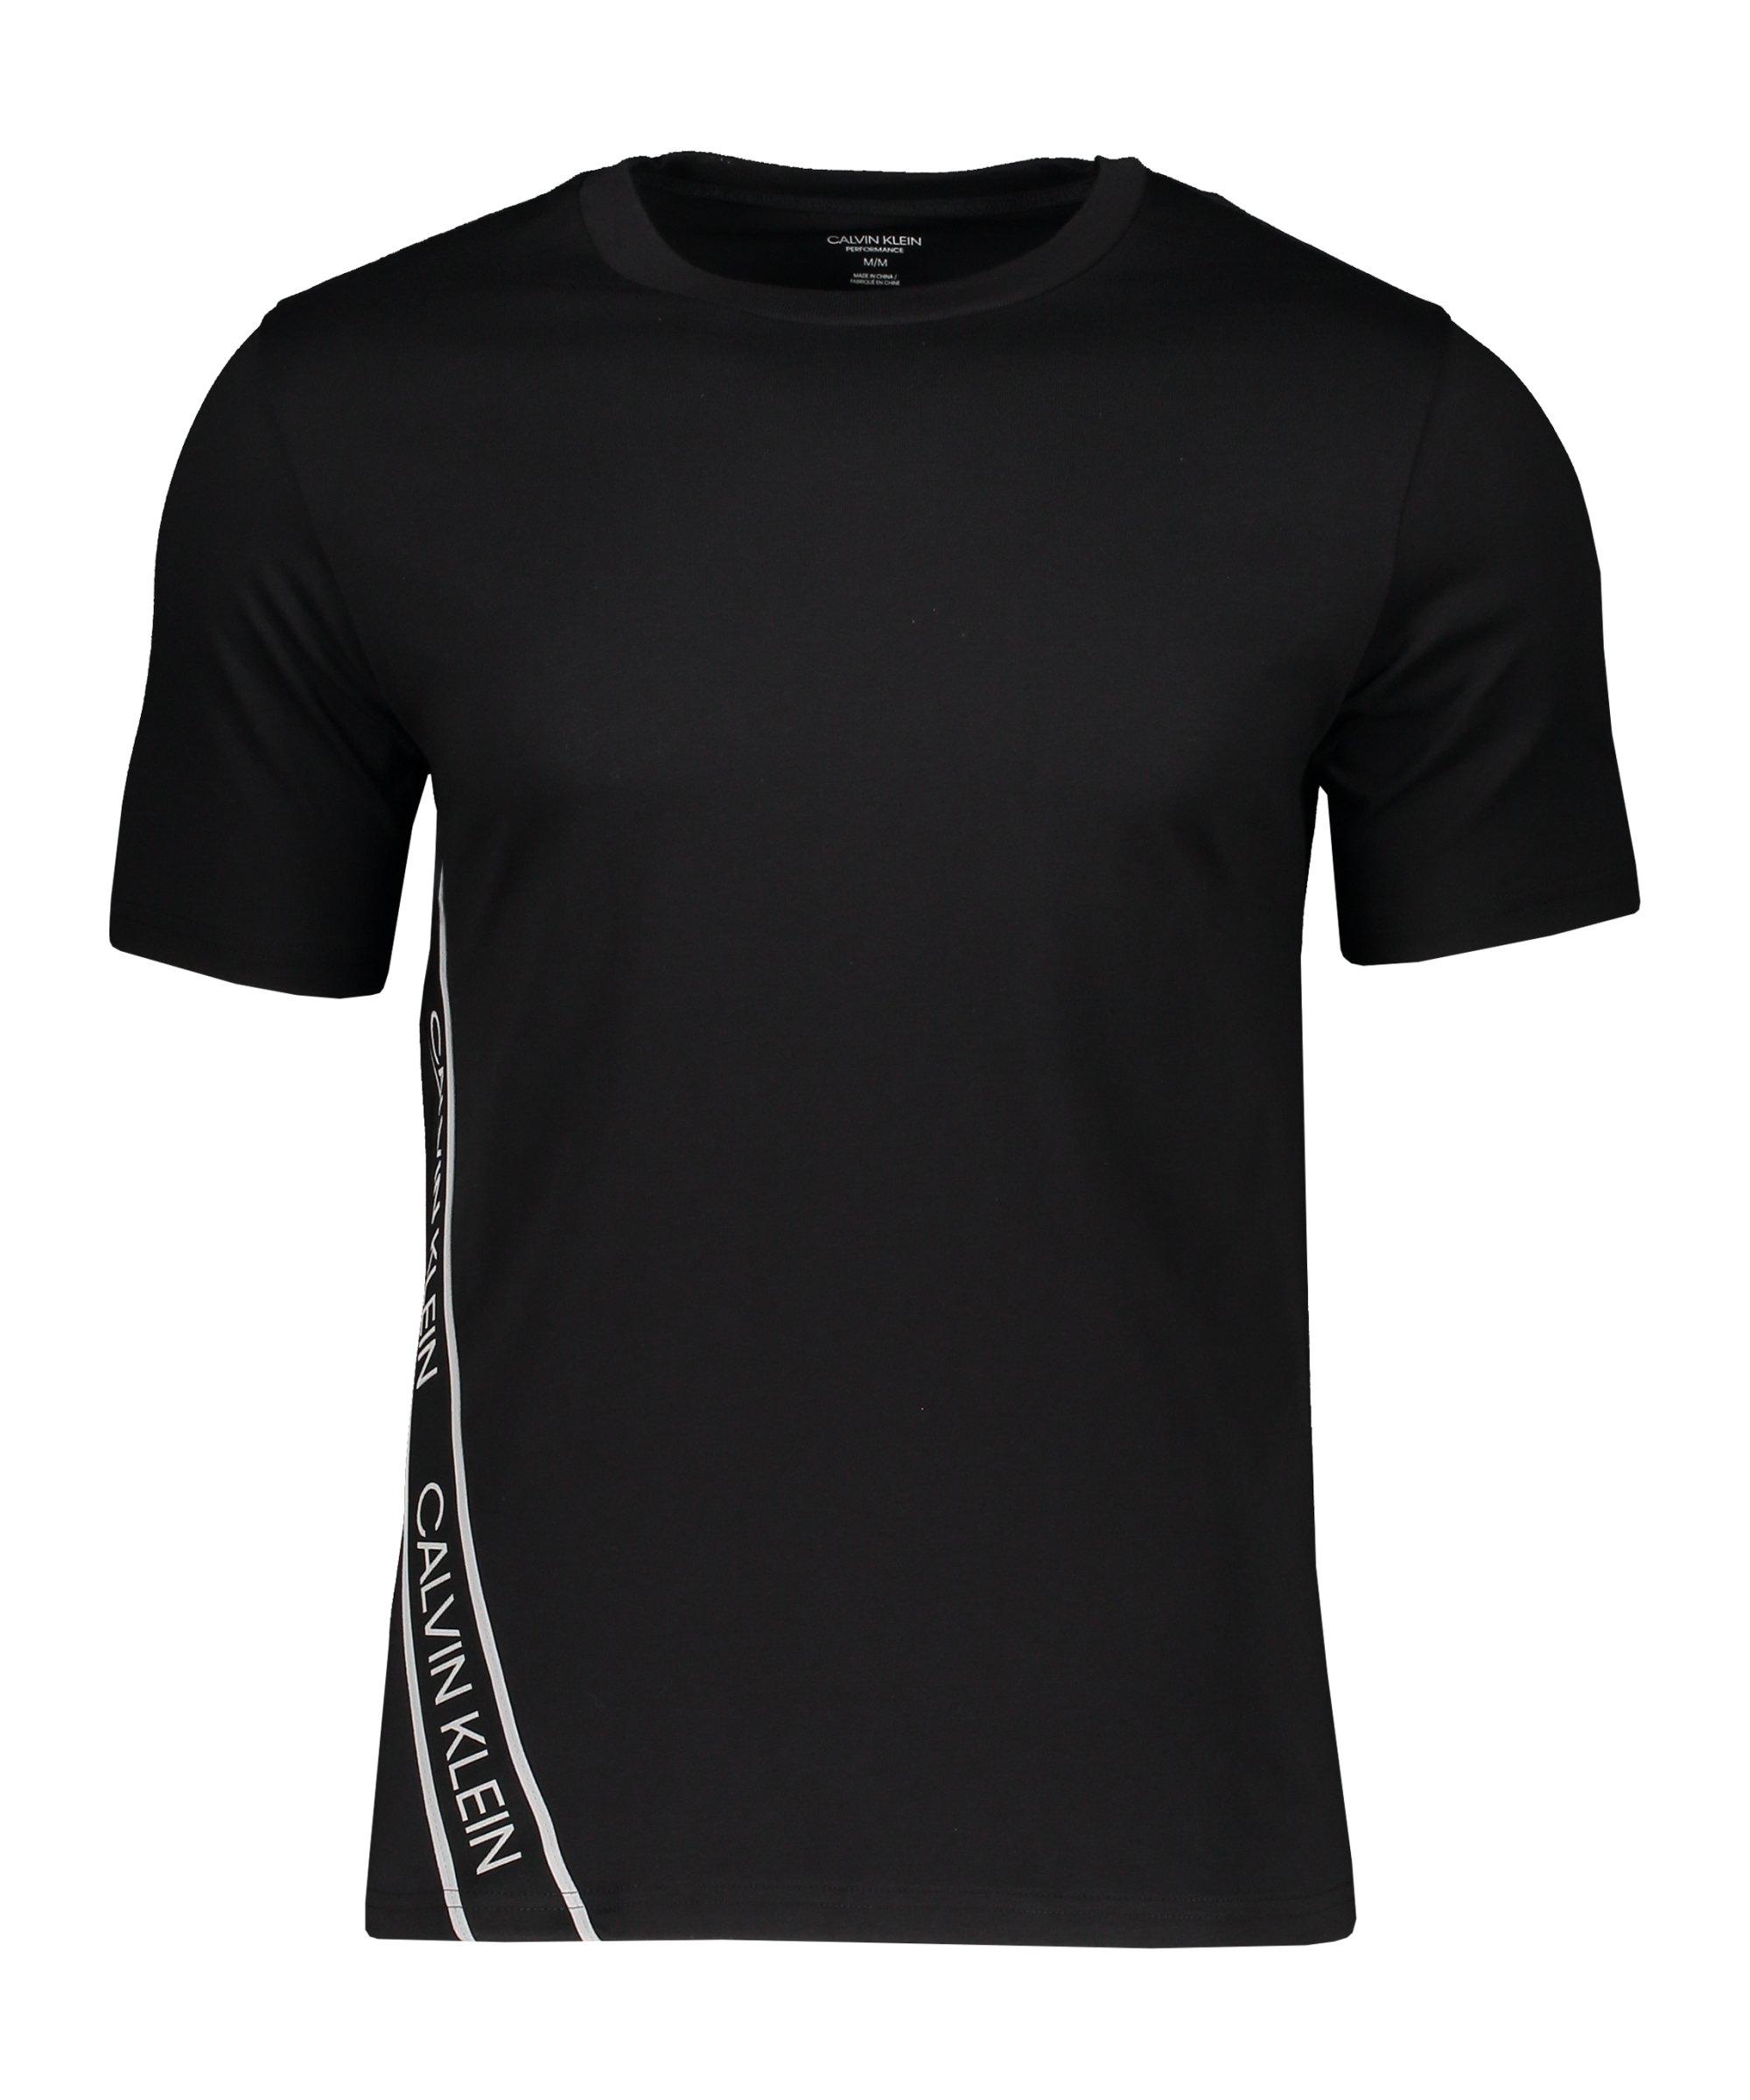 Calvin Klein T-Shirt Schwarz Silber F007 - schwarz